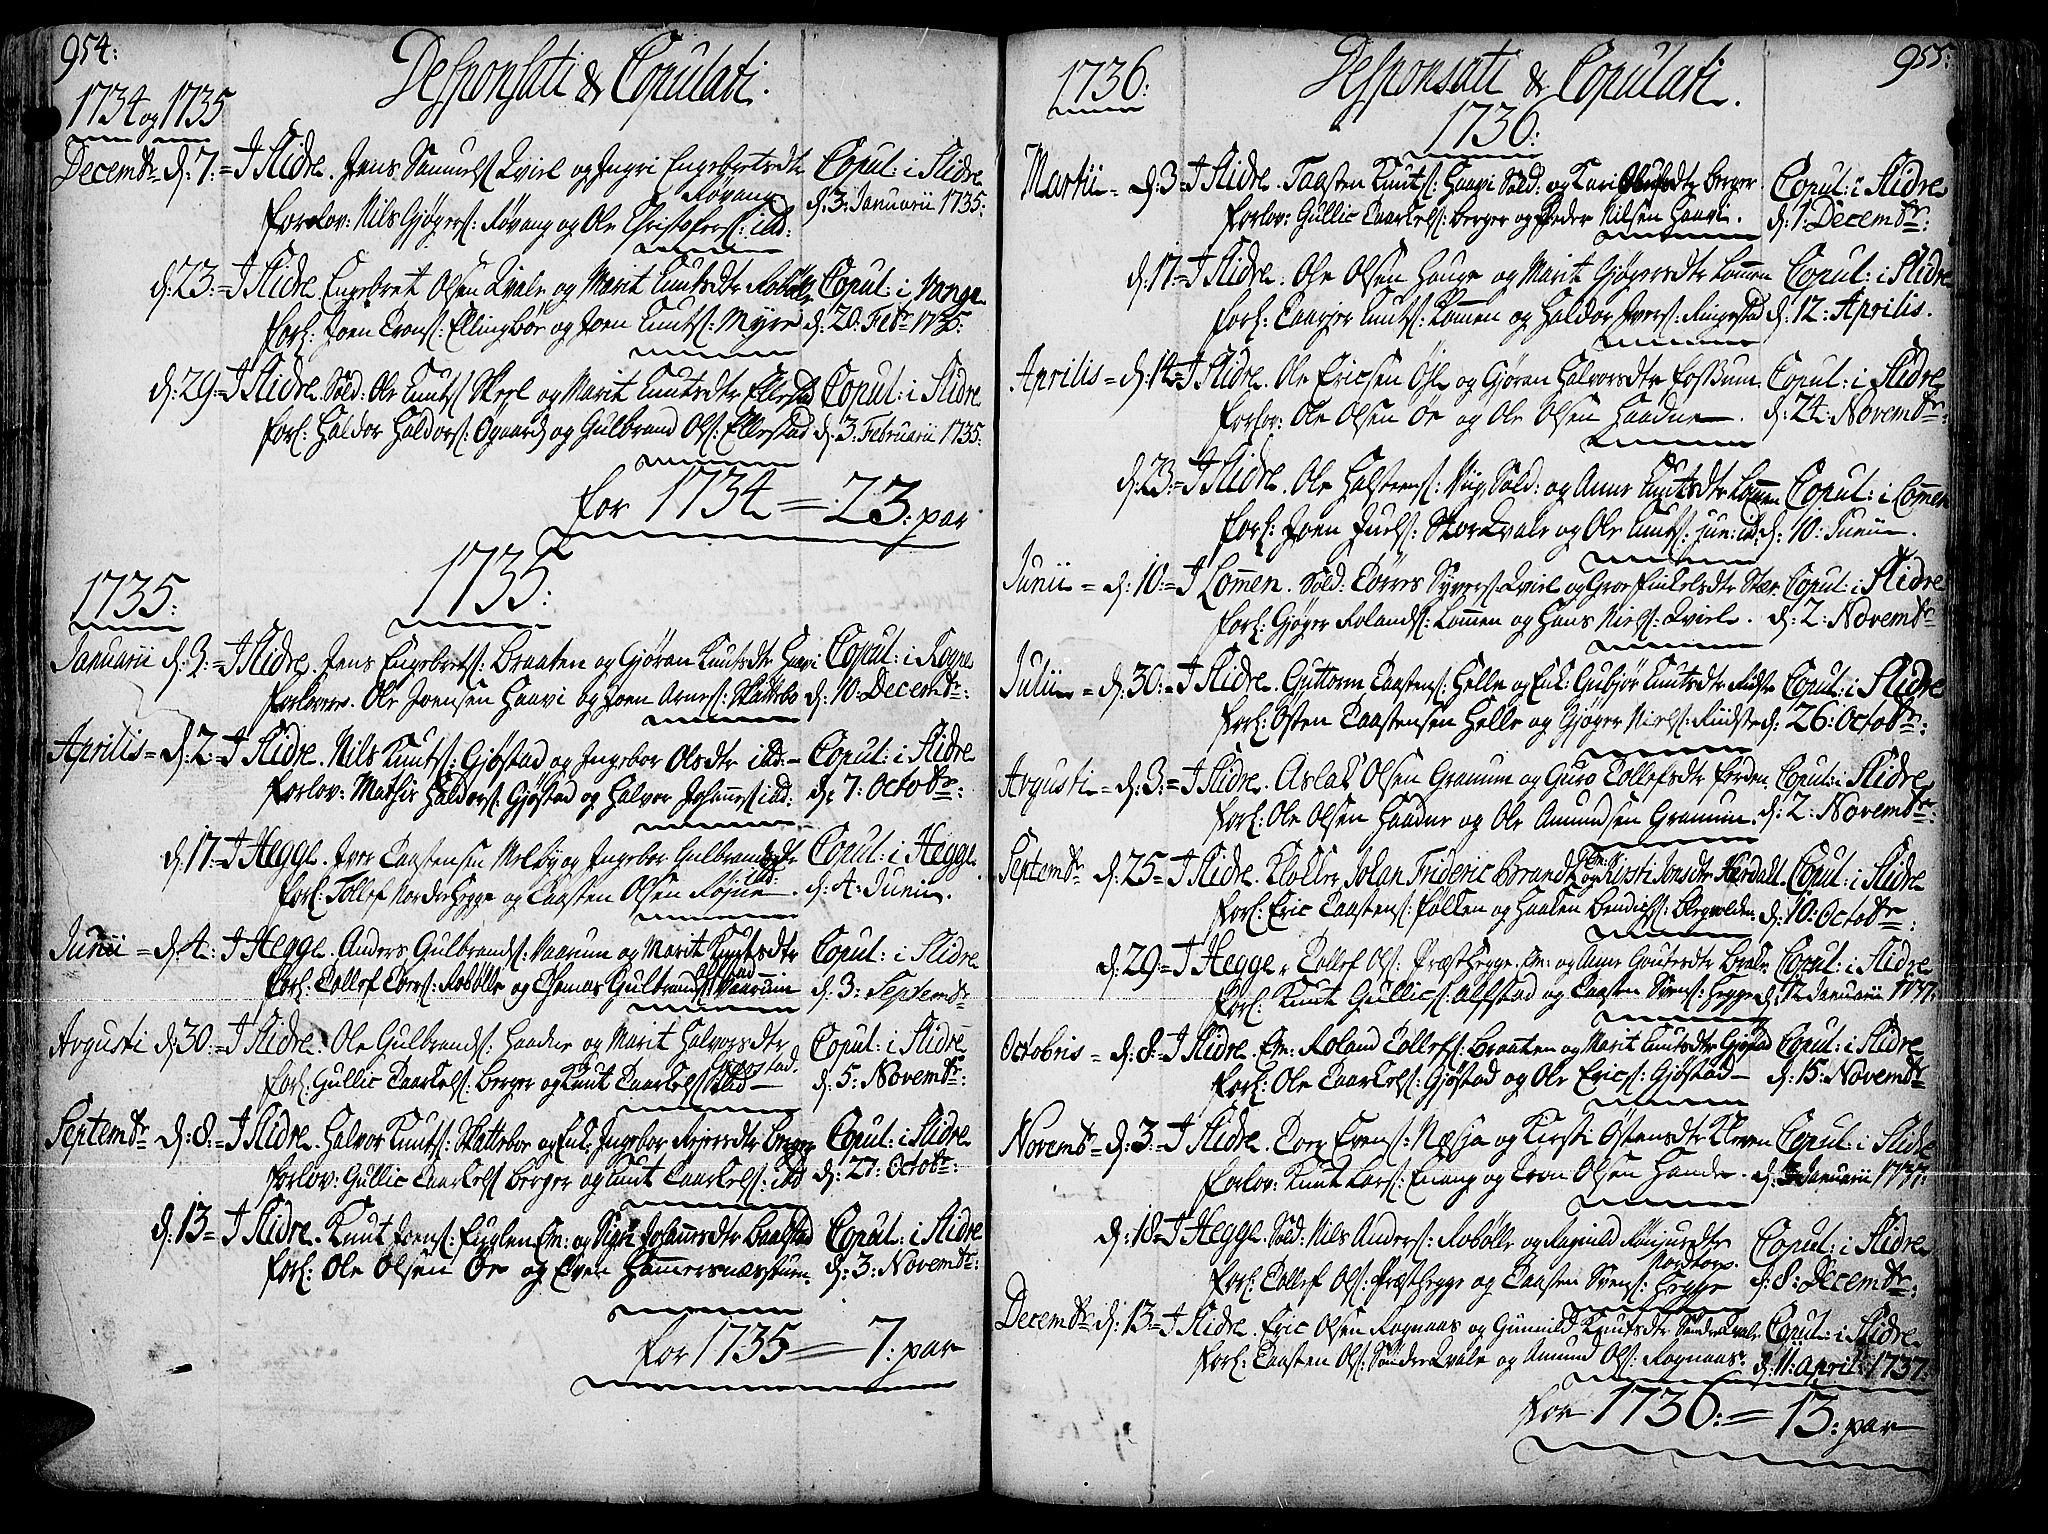 SAH, Slidre prestekontor, Ministerialbok nr. 1, 1724-1814, s. 954-955